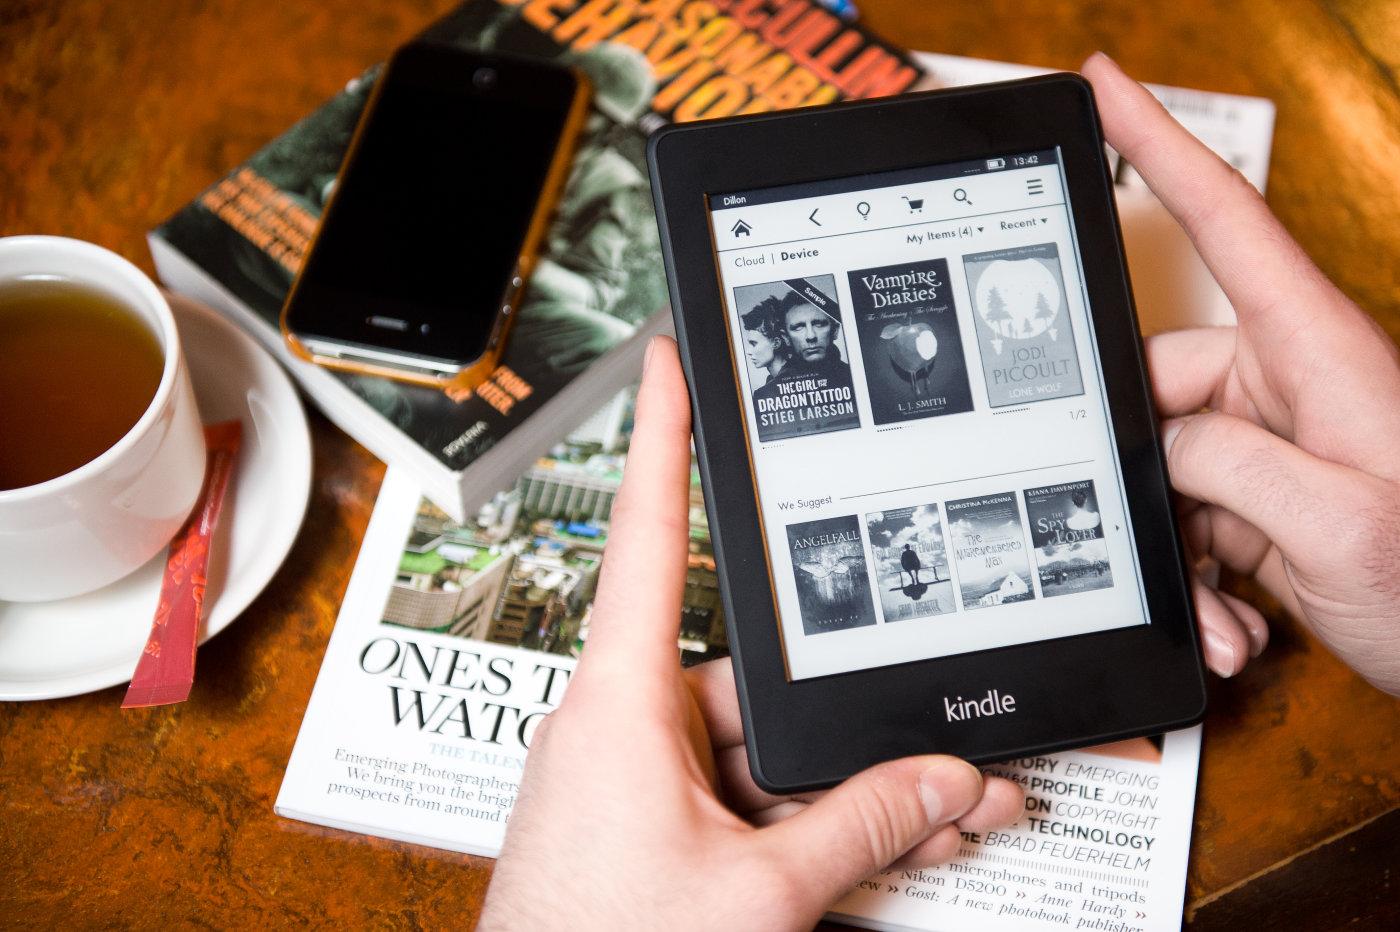 Tu viejo Kindle necesita actualizarse sí o sí antes del 22 de marzo